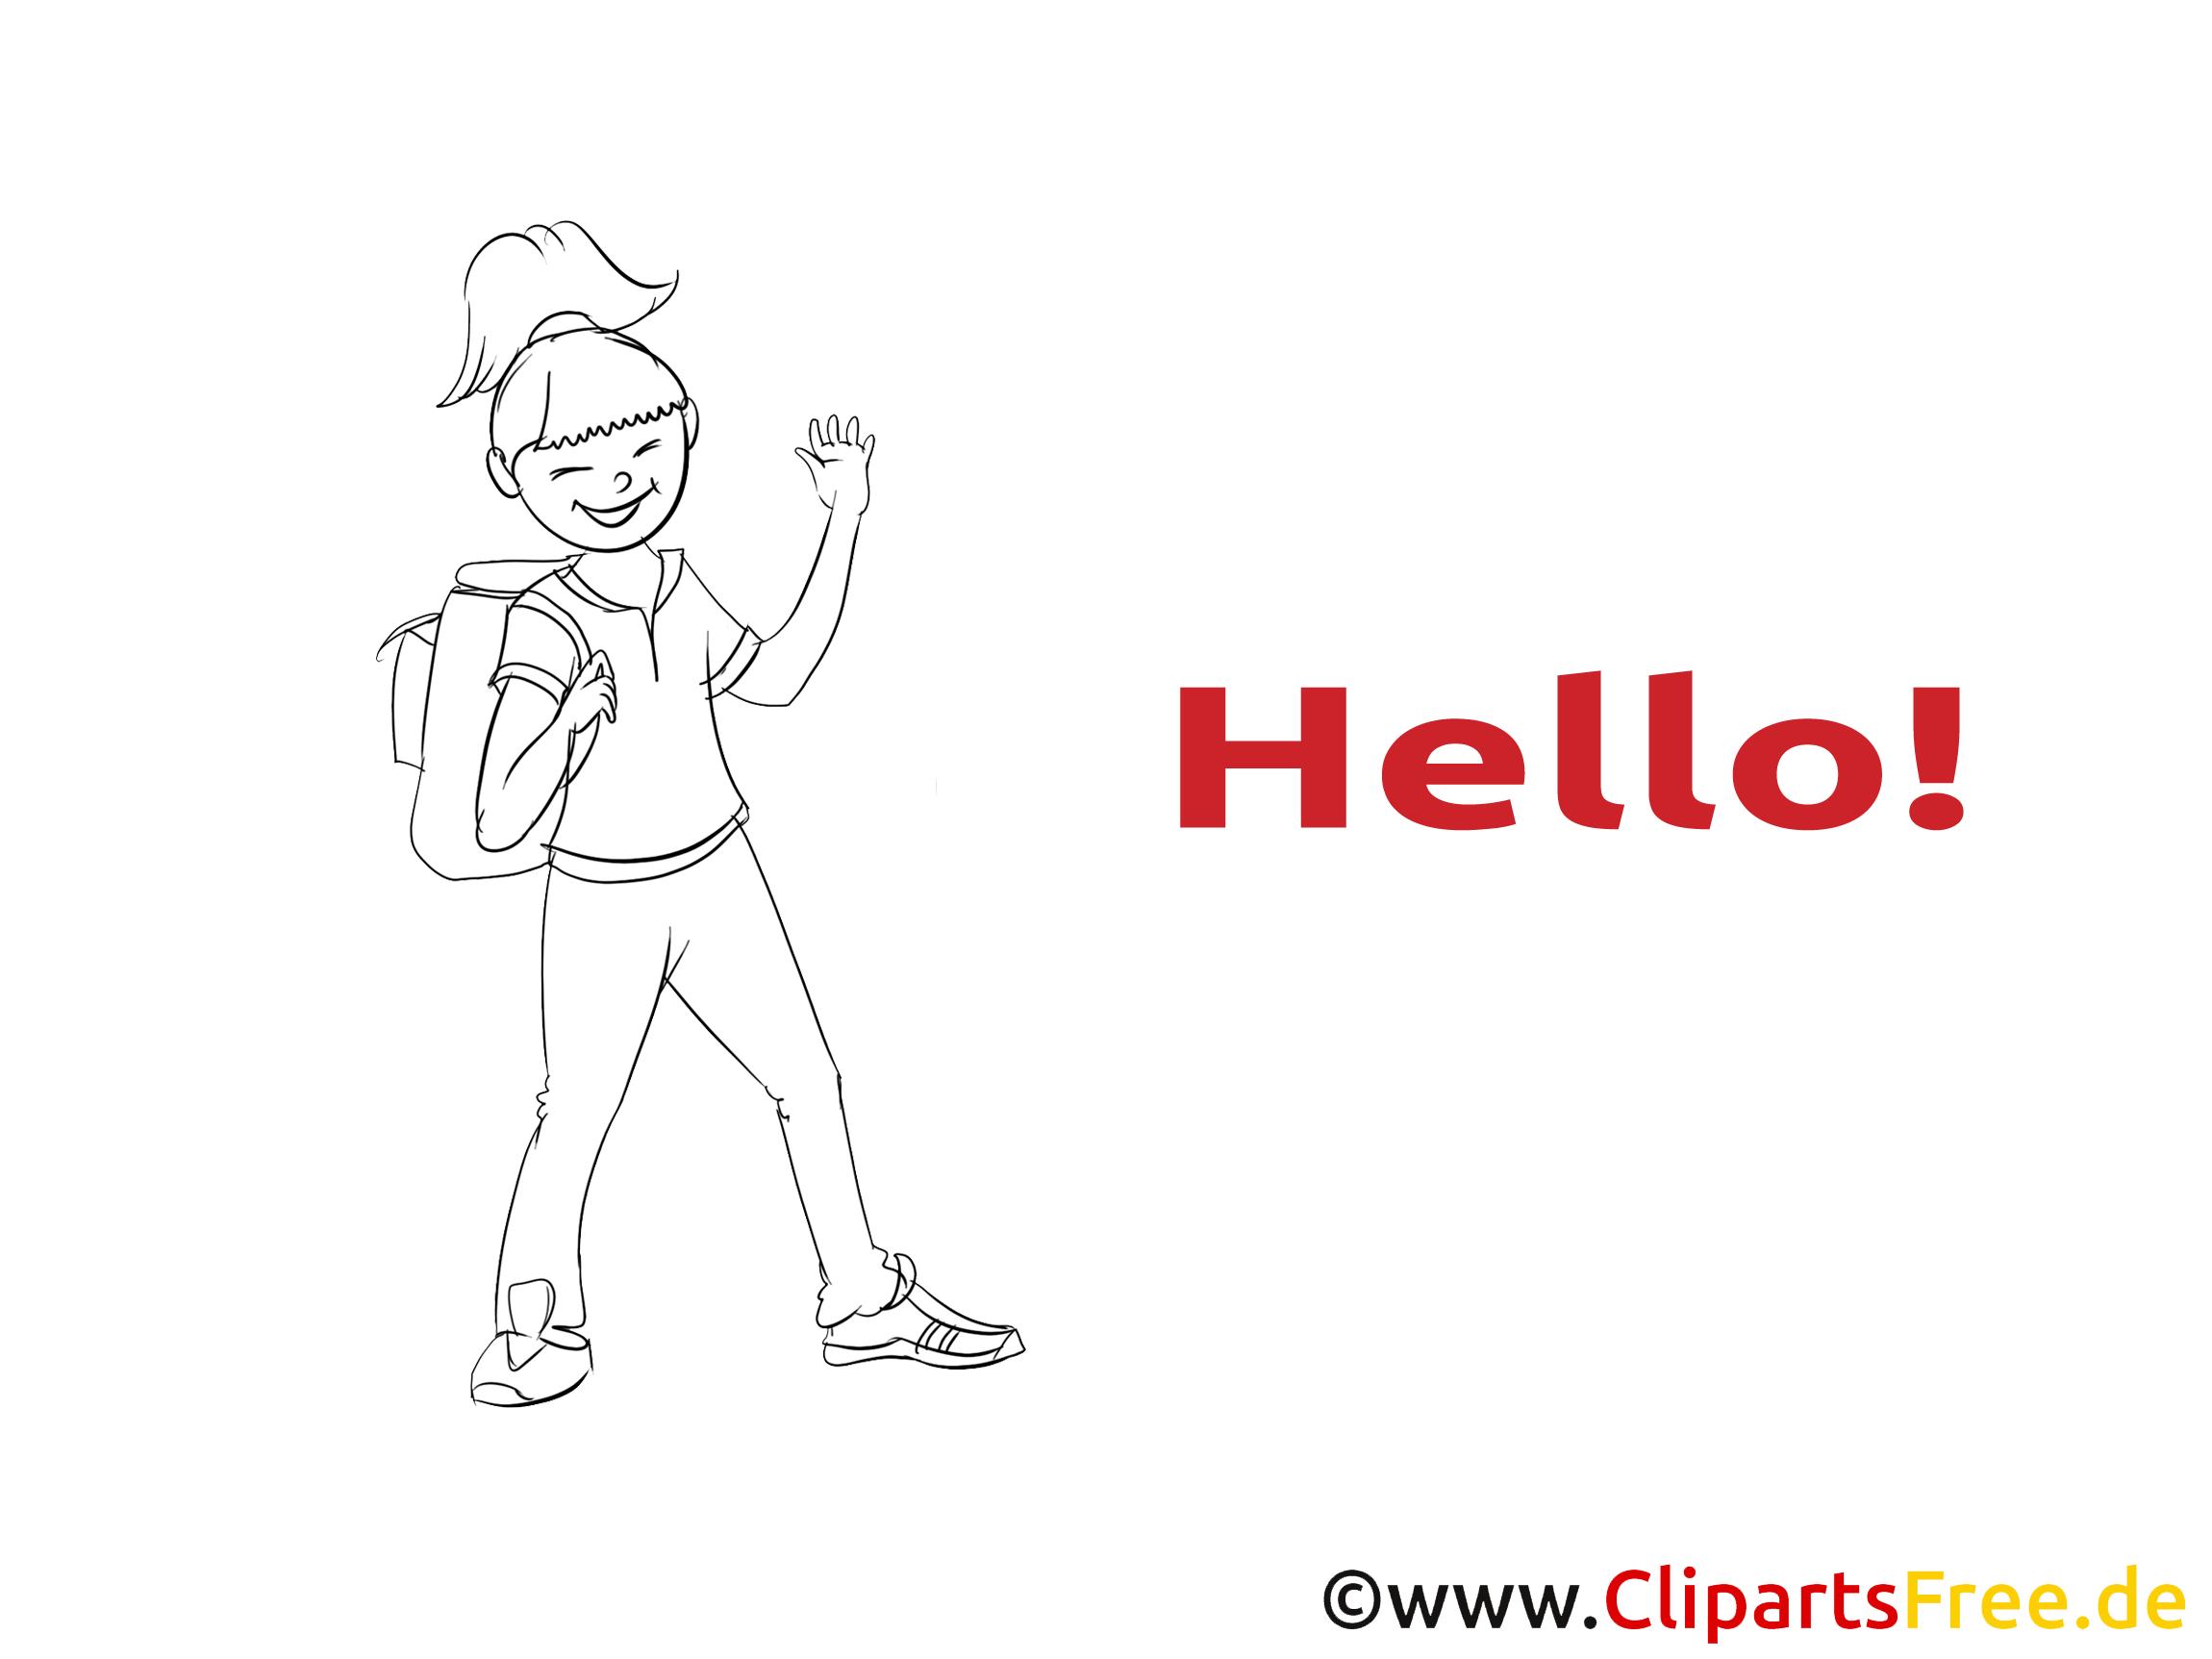 Femme dessin à imprimer - Salut image